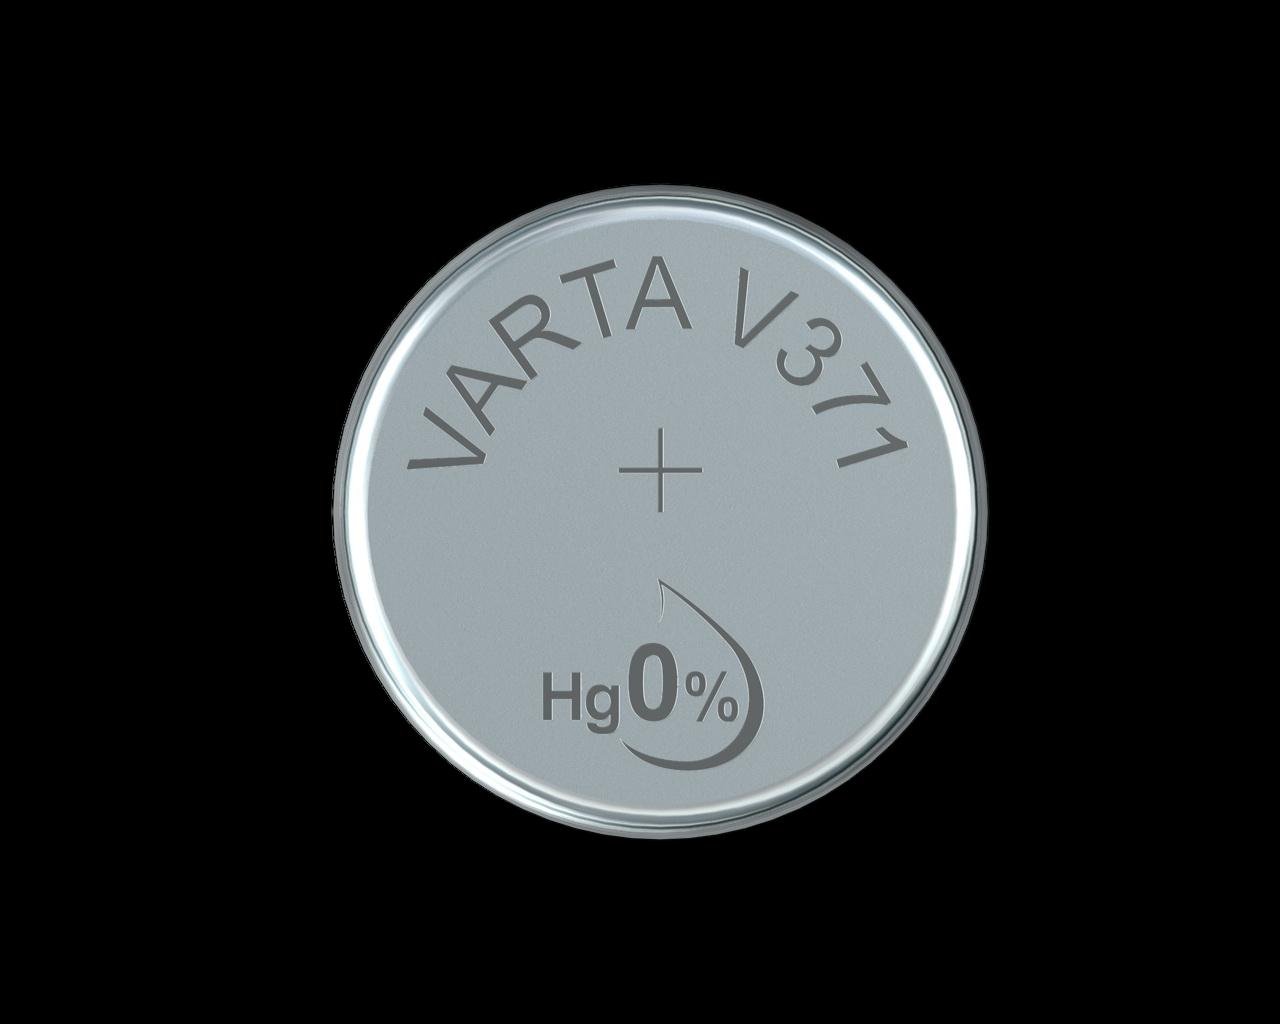 2x VARTA V 371 Knopfzellen Uhrenbatterie Knopfzelle V371 SR69 SR920SW SR920 AG6 2